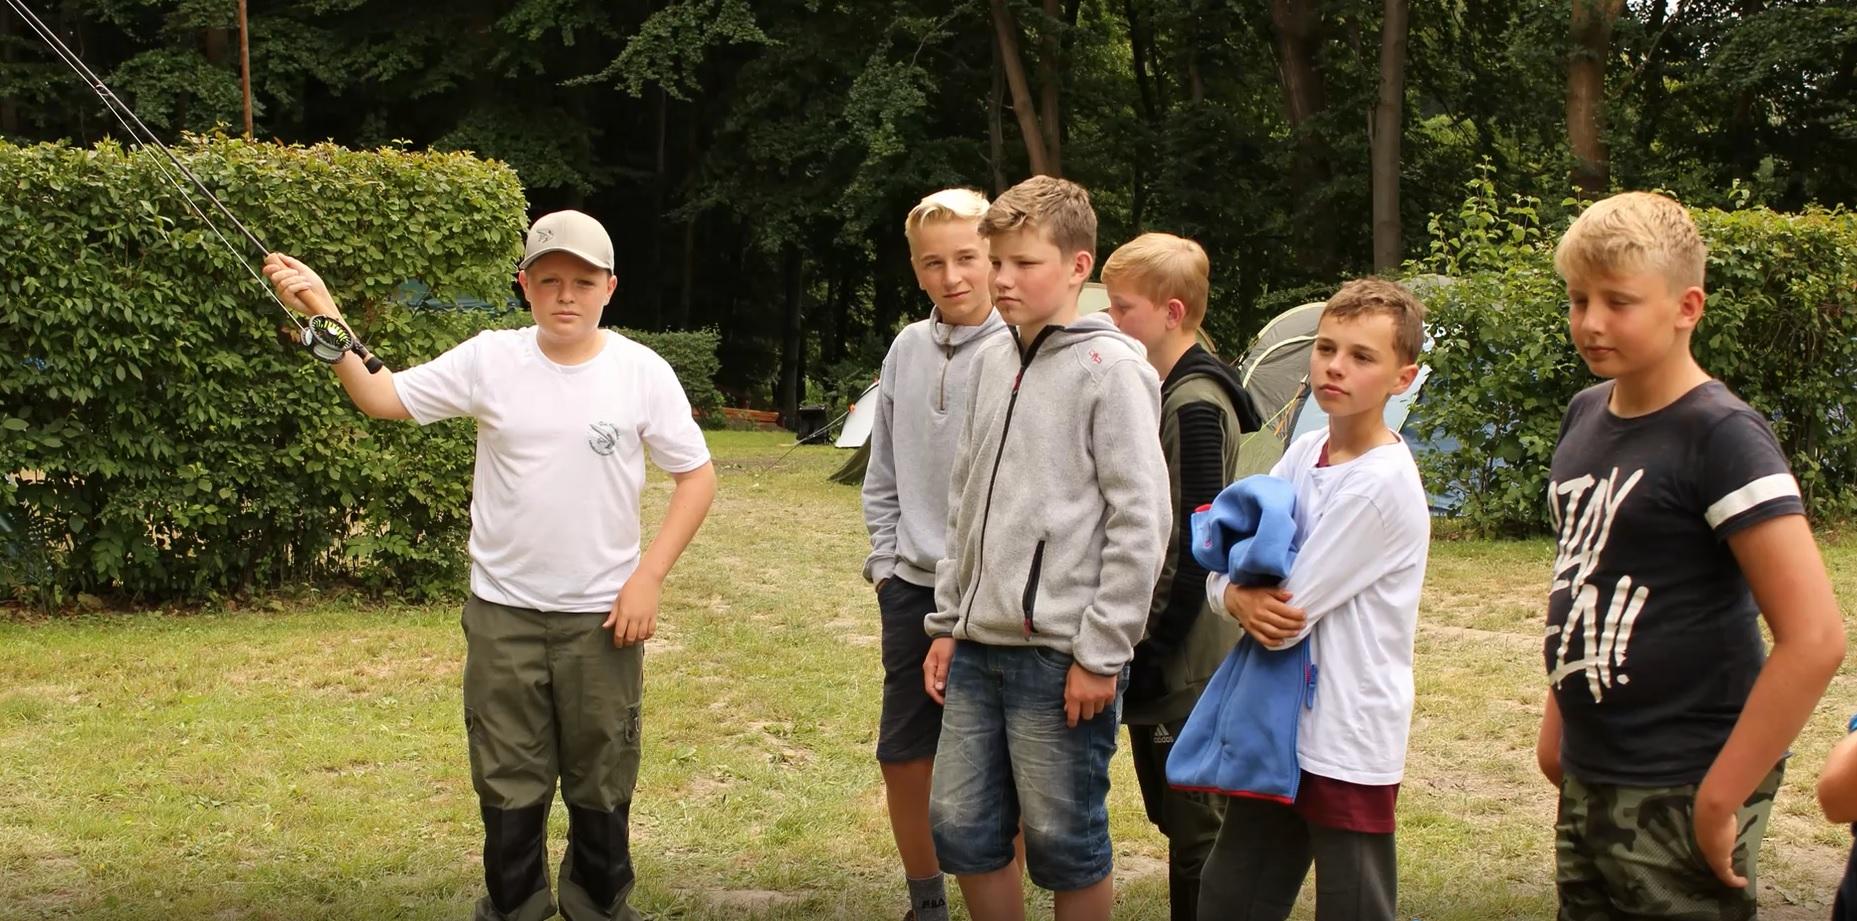 Heilaender-Jugendtag